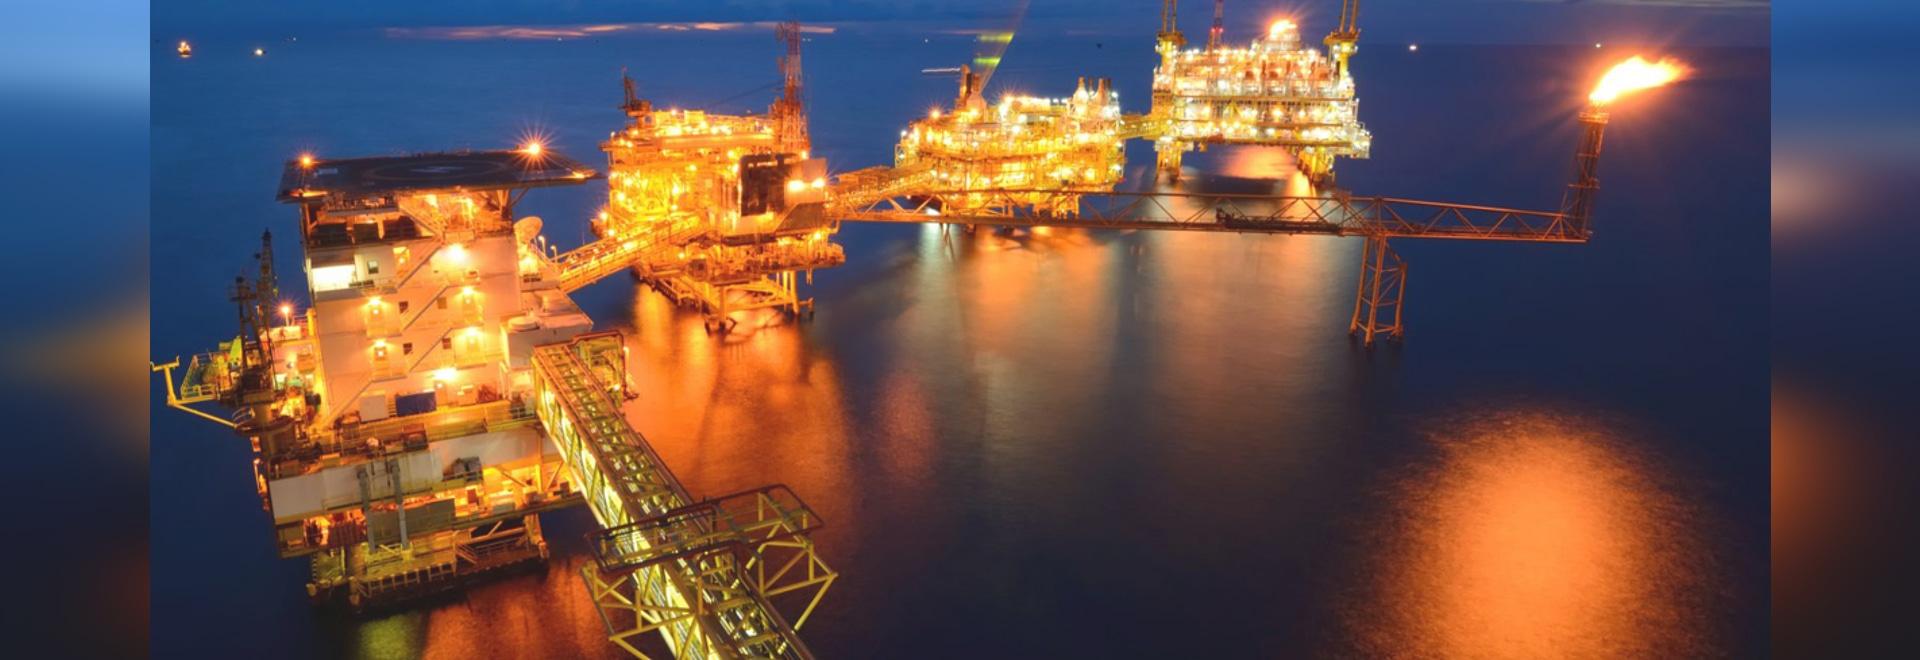 Medida de la presión en petróleo y gas